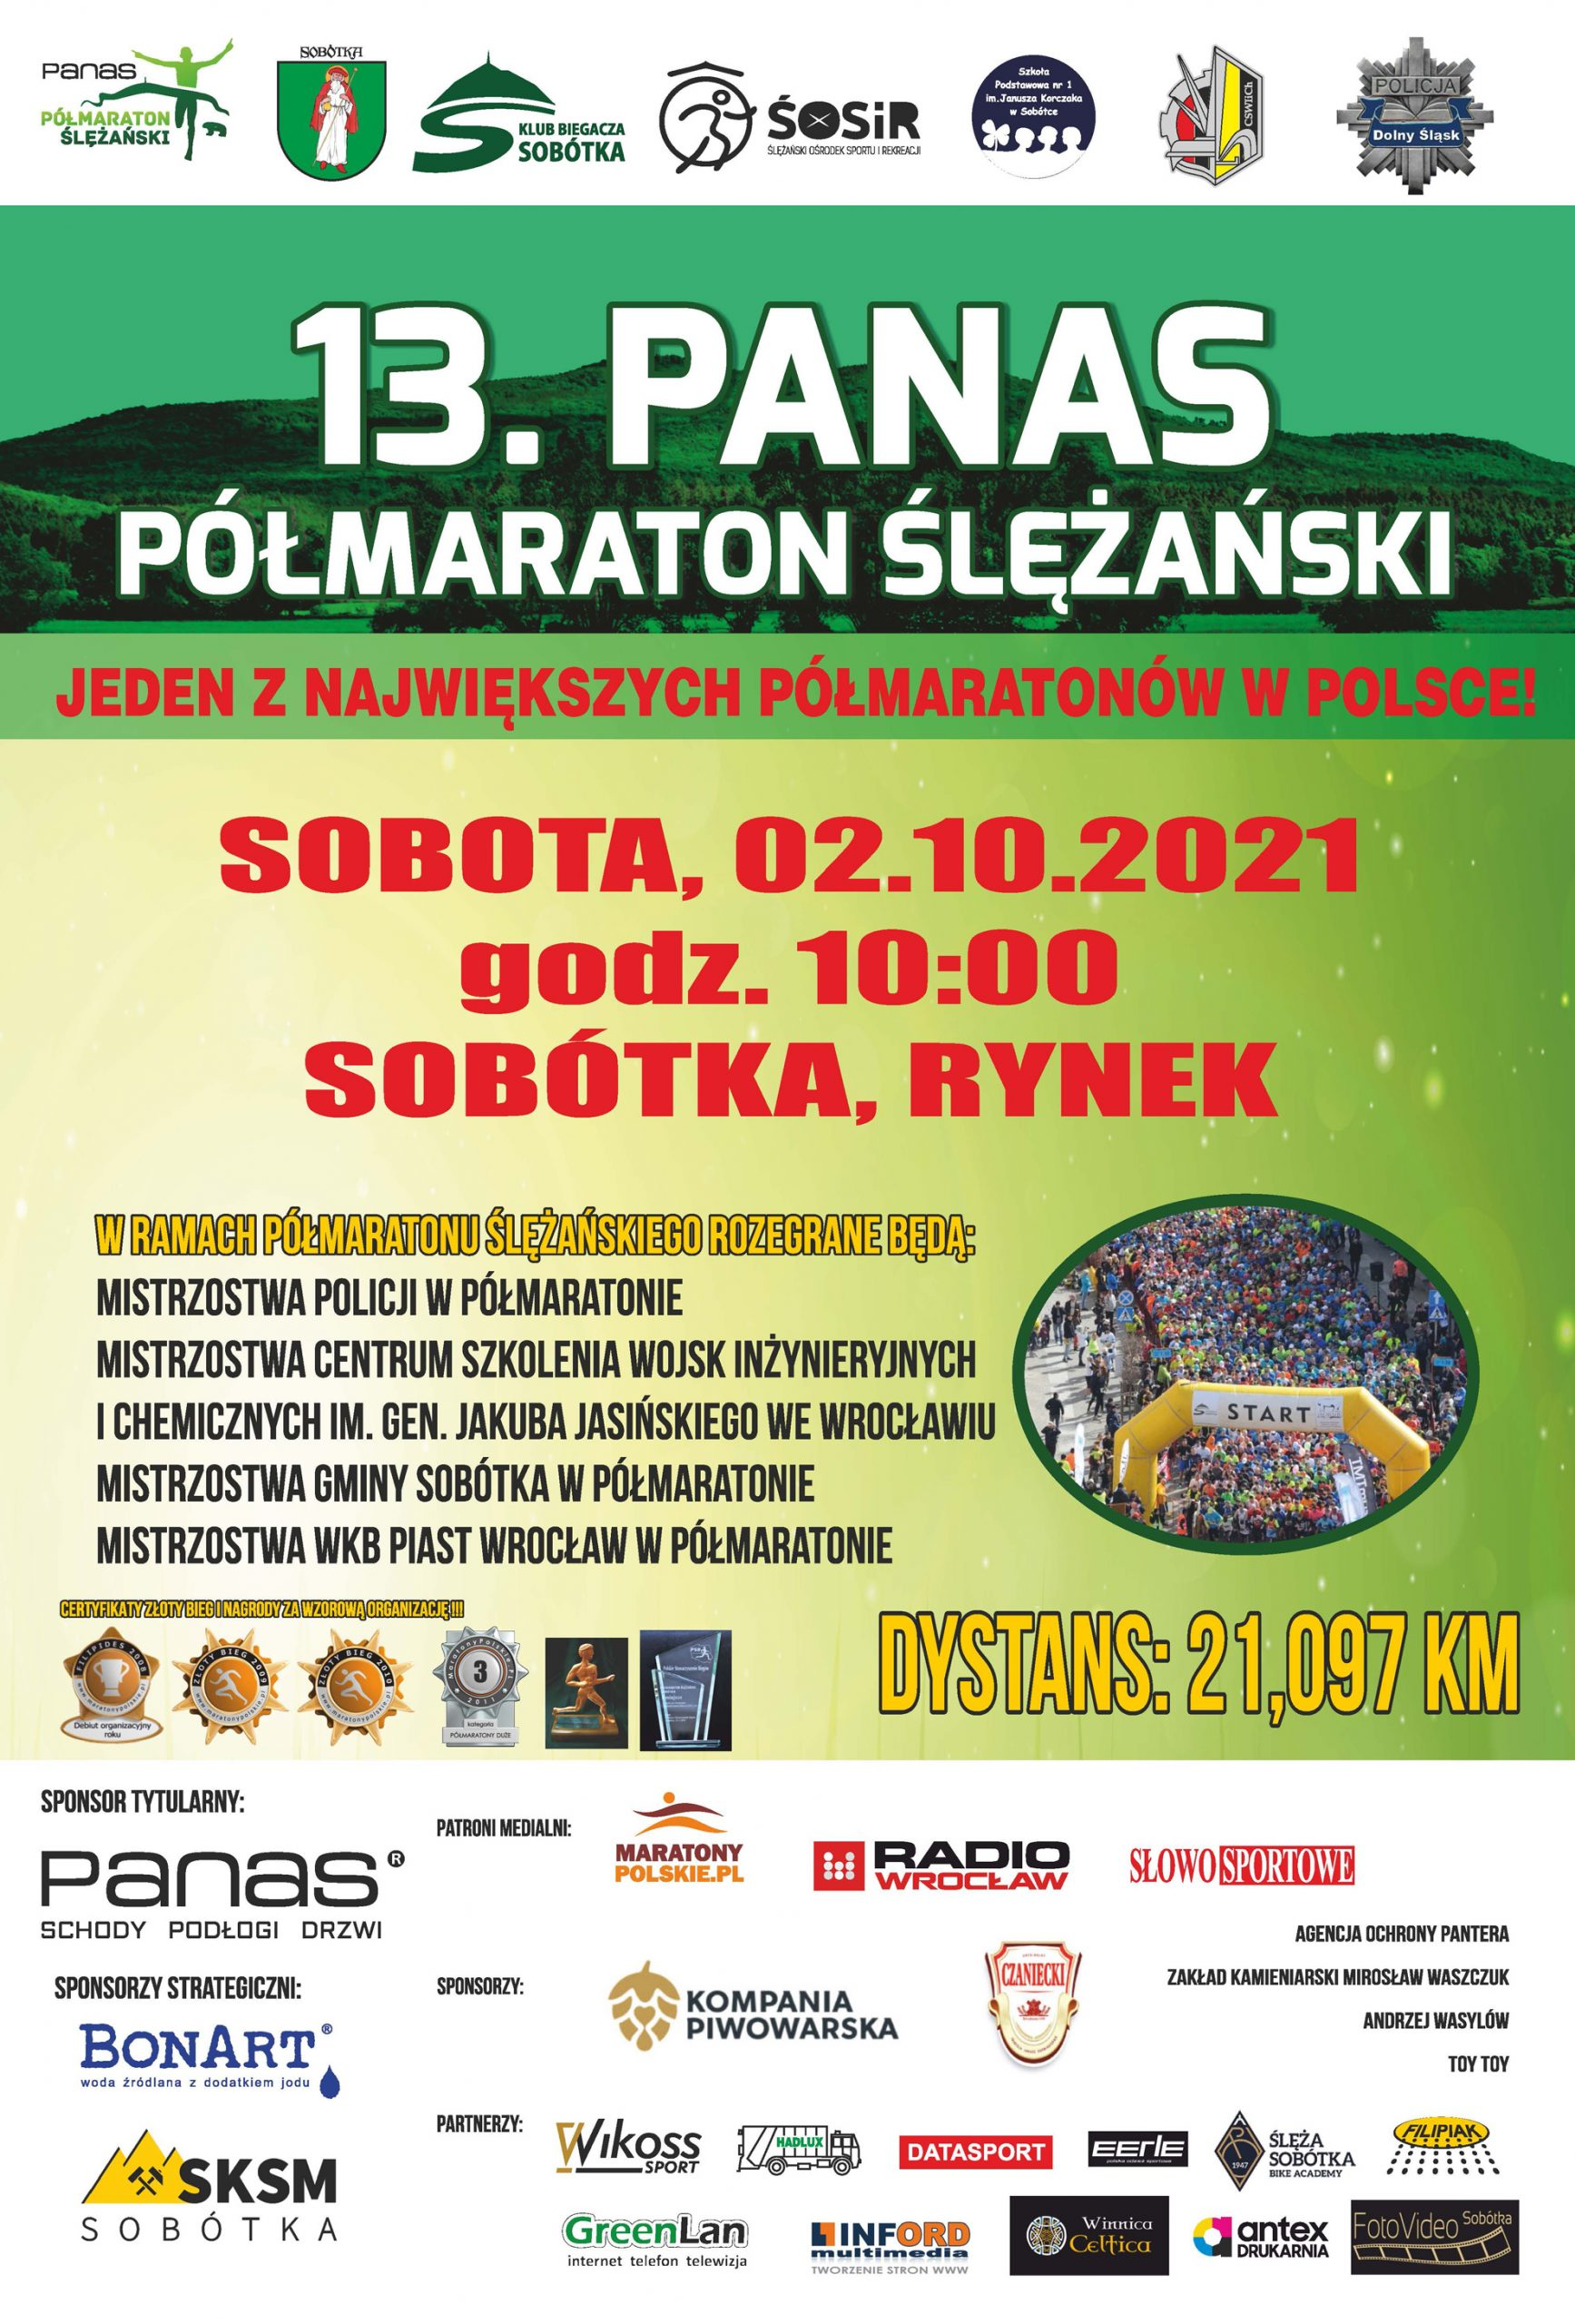 Plakat 13. Panas Półmaraton Ślężański